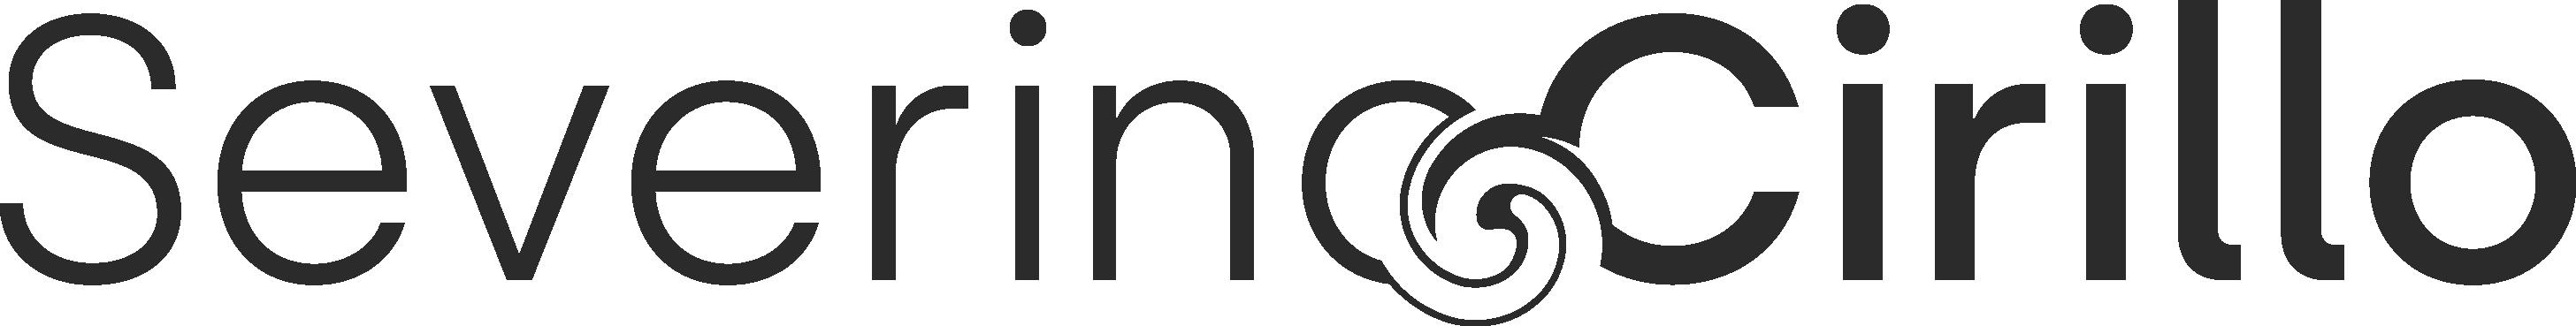 Severino Cirillo Logo